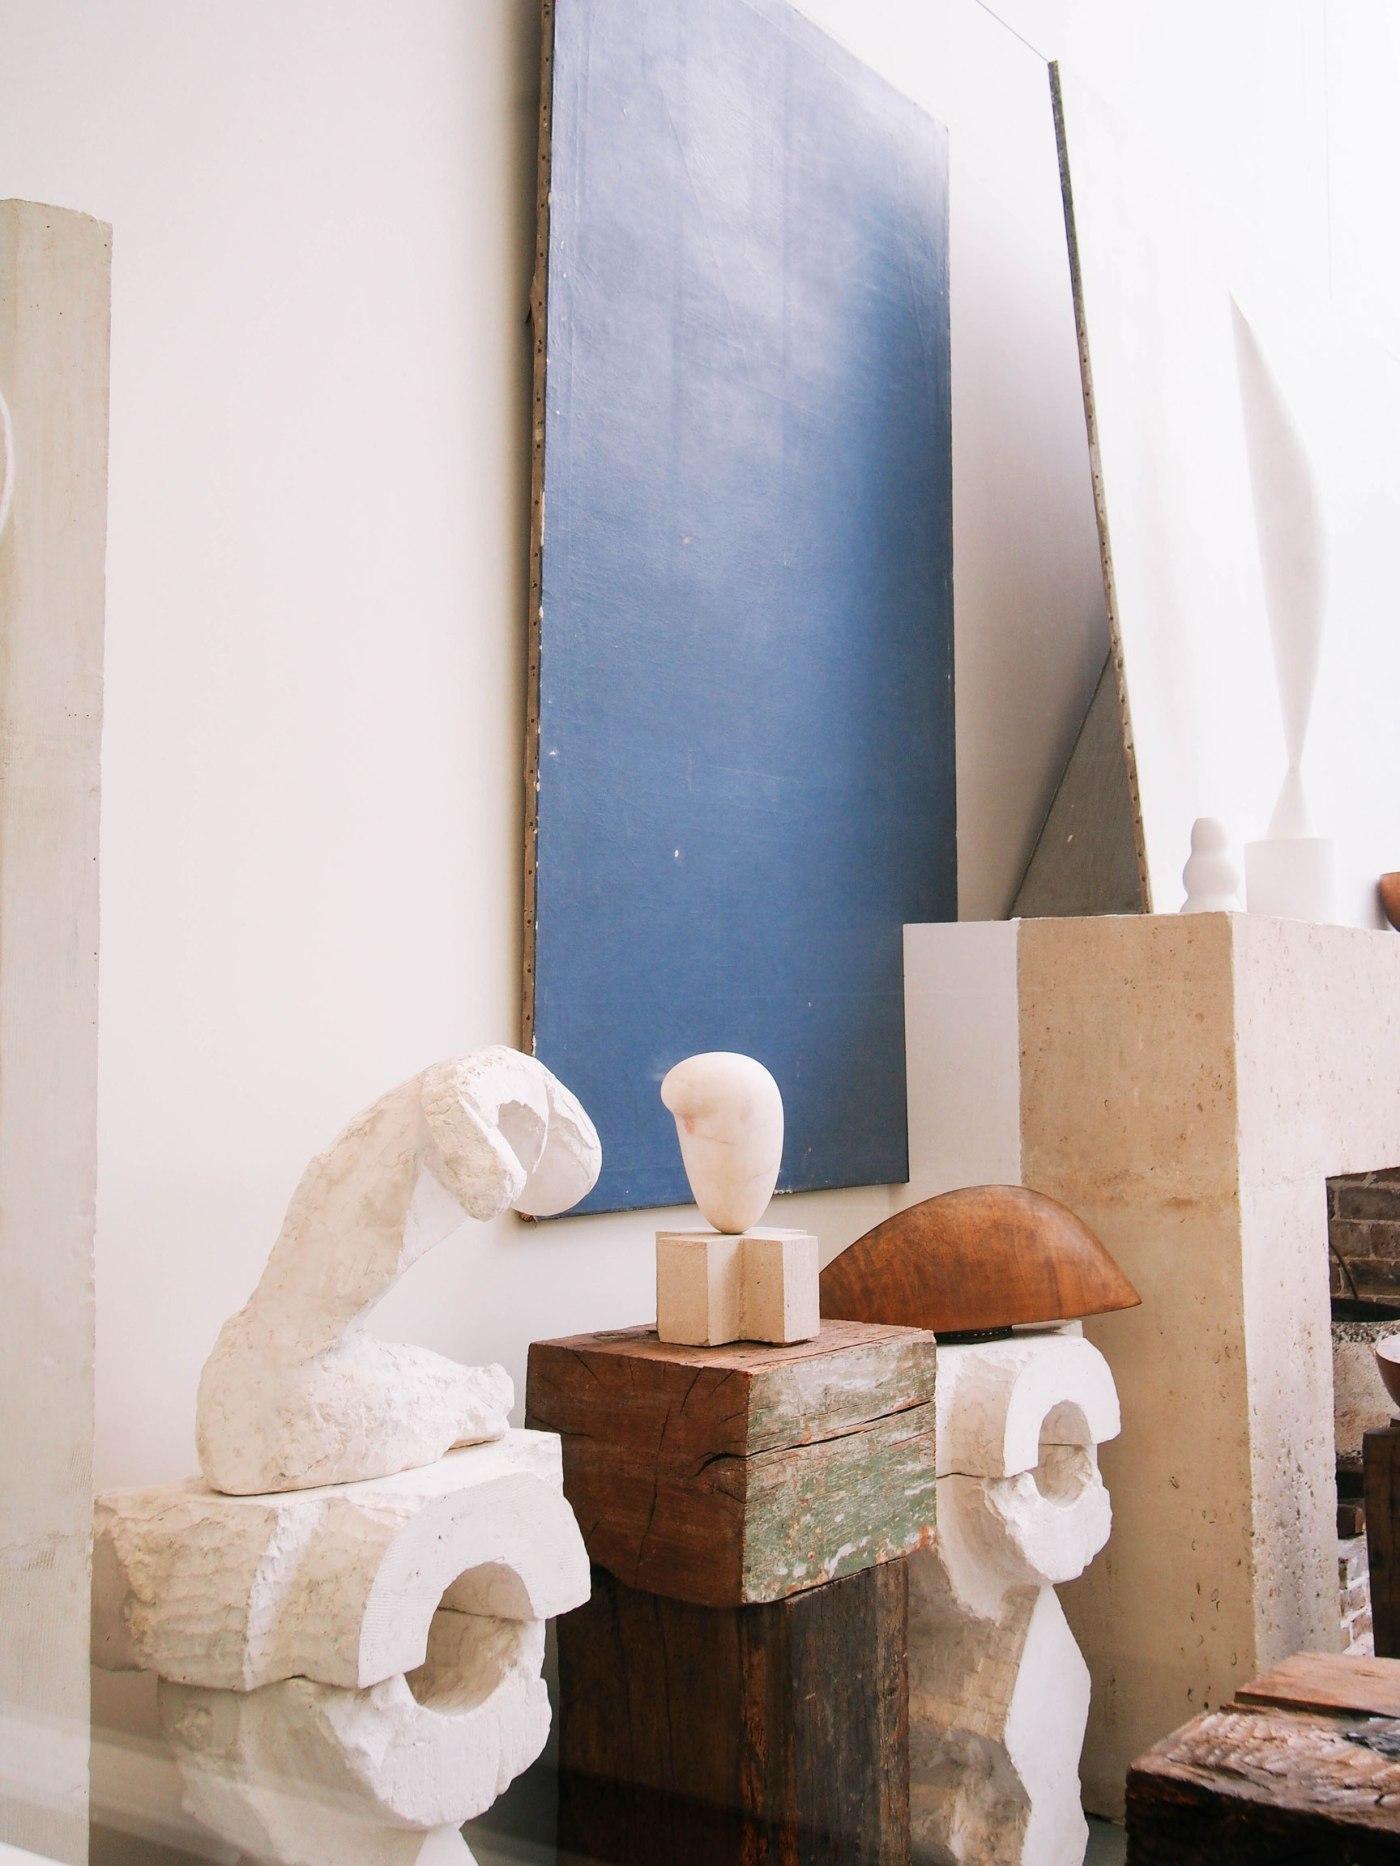 atelier-brancusi-paris-jennifer-ring-3